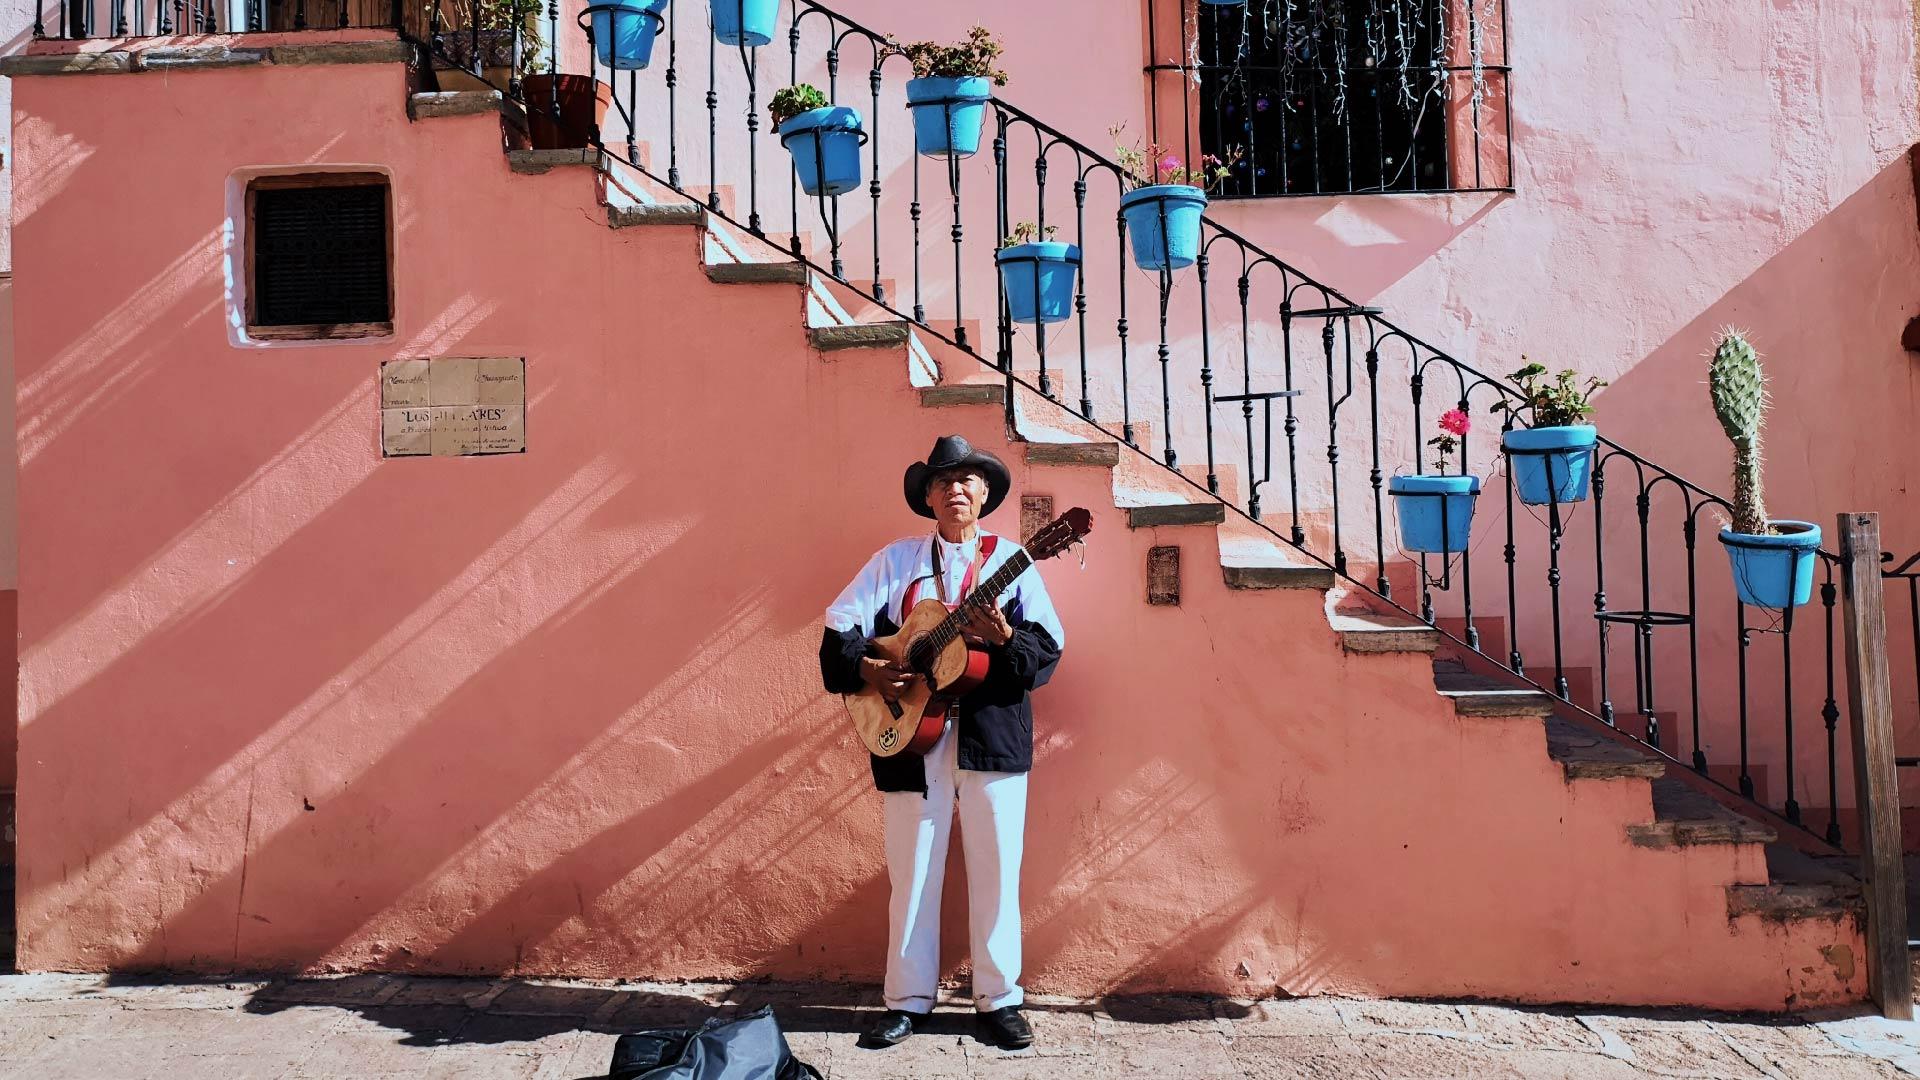 Las fachadas más fotogénicas de Guanajuato capital 🌈 🏠